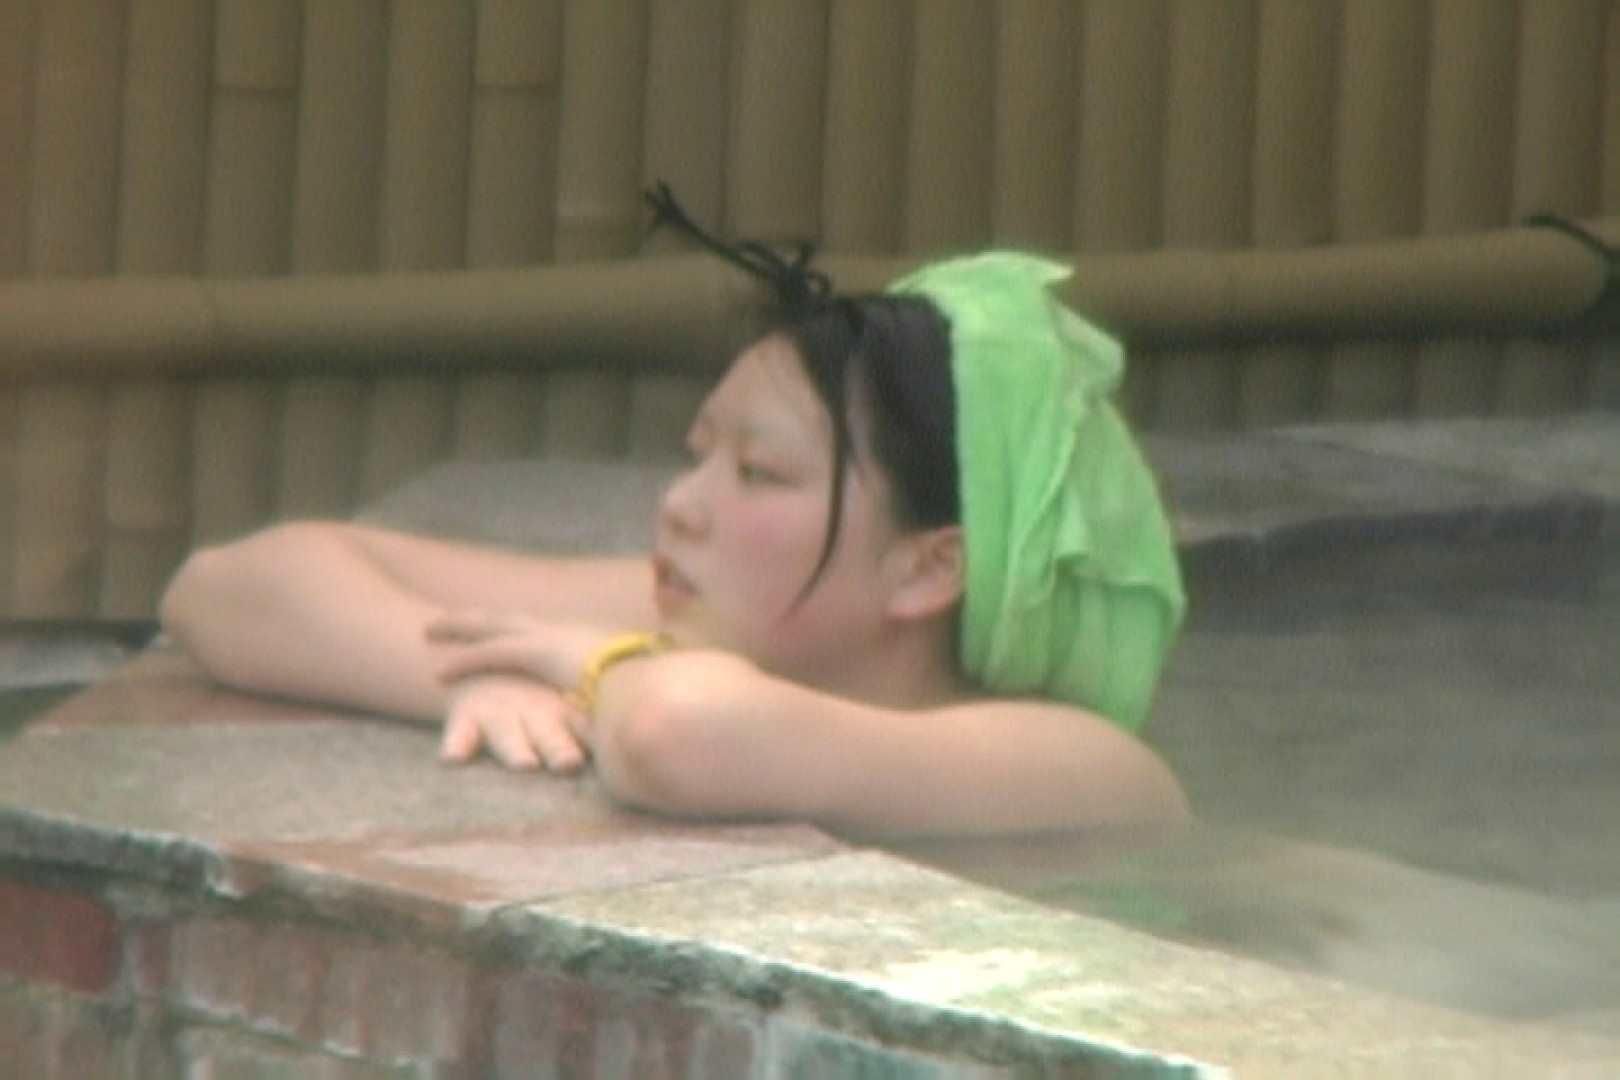 Aquaな露天風呂Vol.563 露天   OLエロ画像  96PICs 28